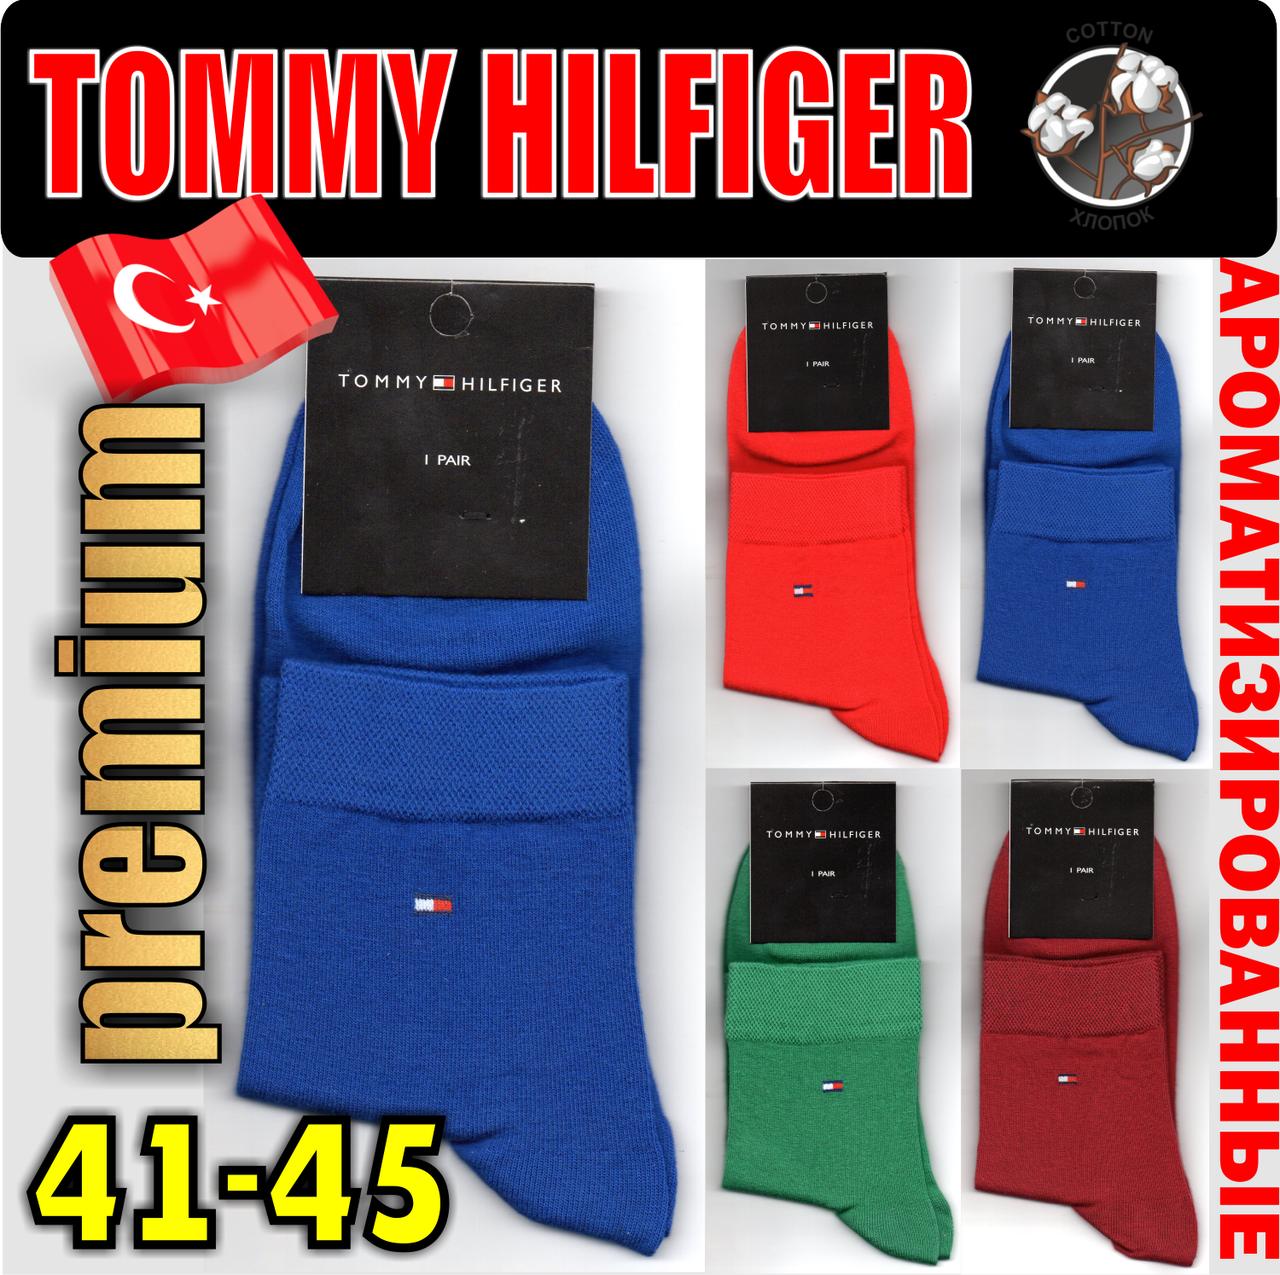 530045b2bc1b6 Мужские носки ароматизированные TOMMY HILFIGER 200 иголок Турецкие 41-45р  высокое качество НМП-23100